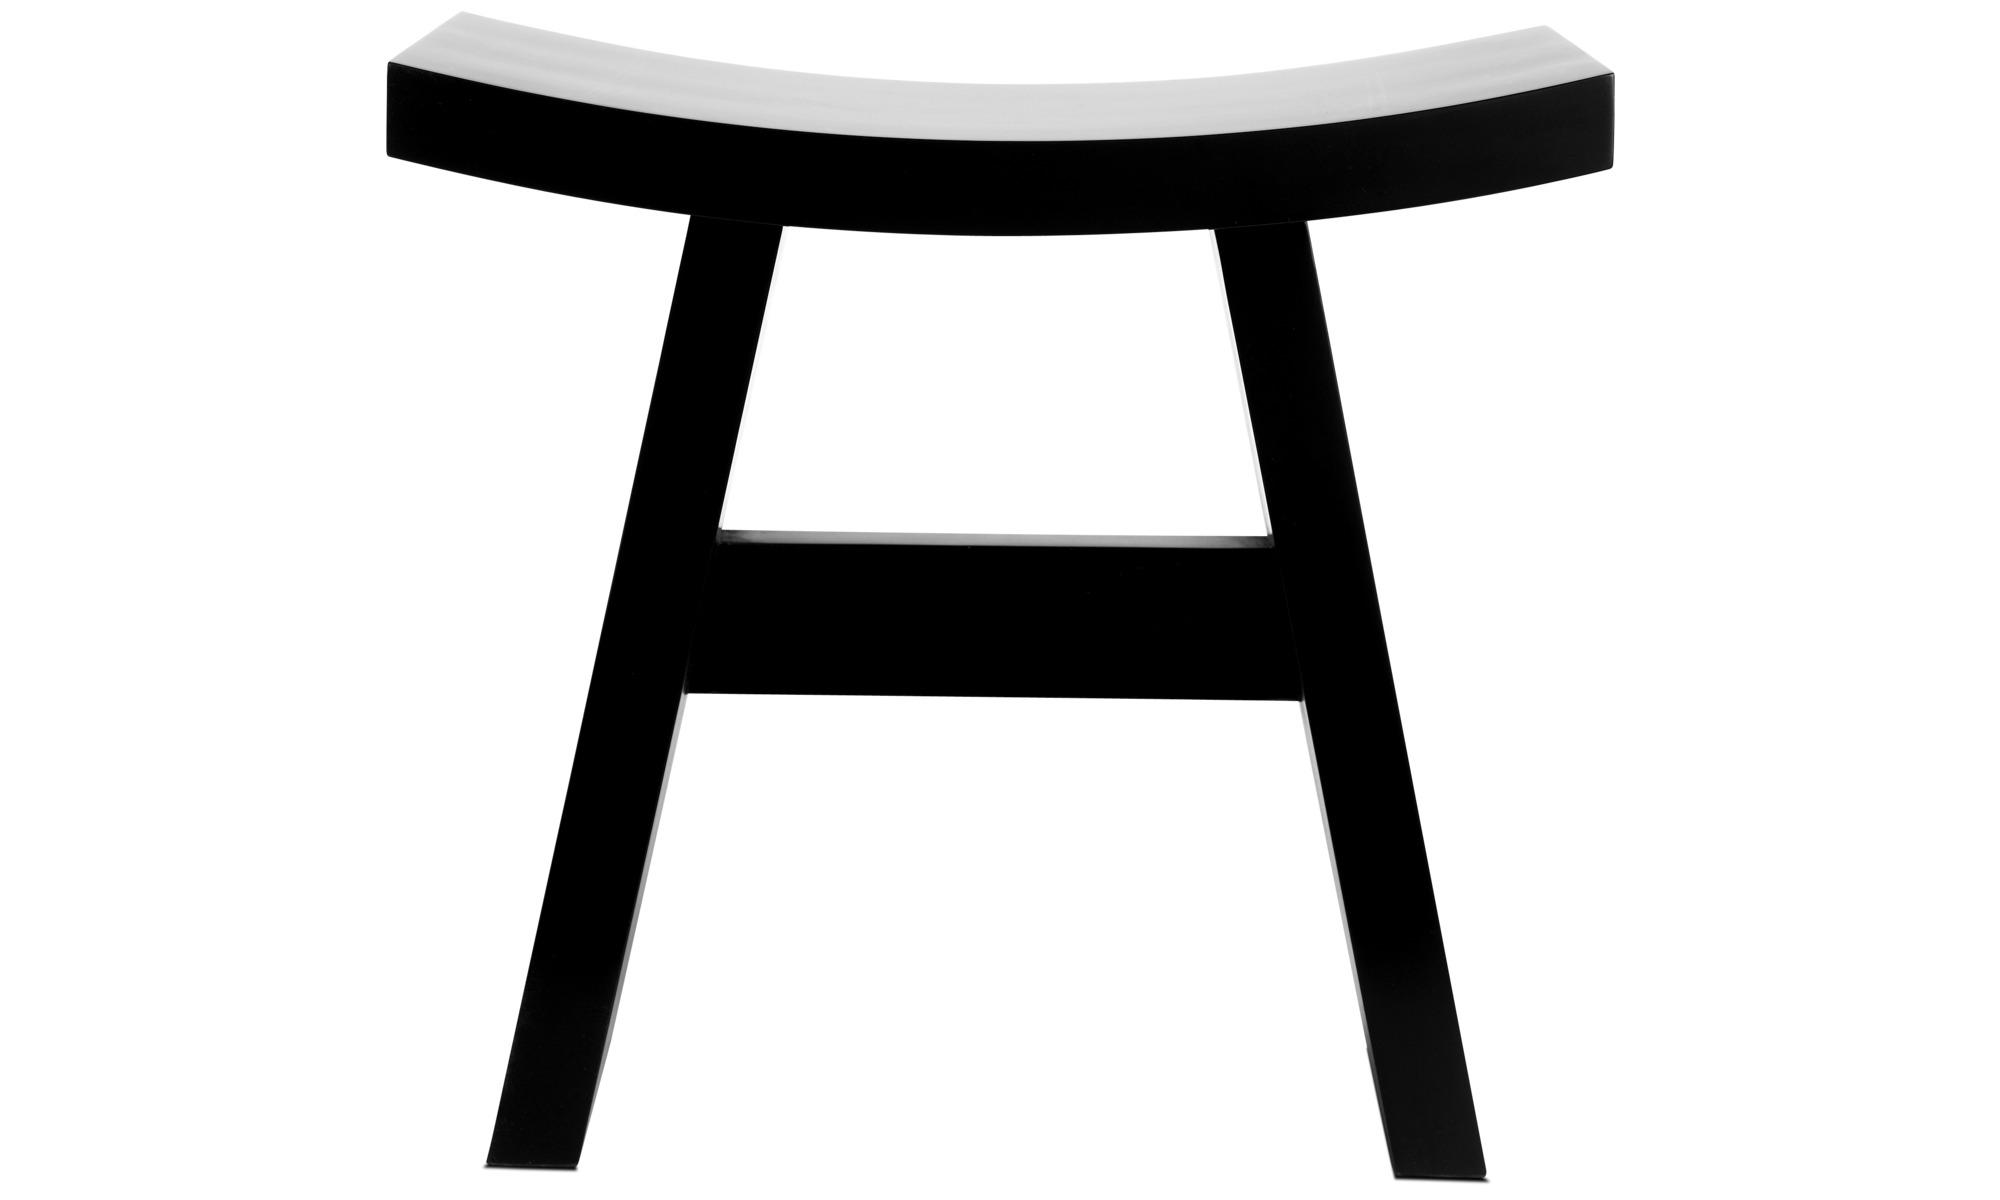 tabourets tabouret shogun boconcept. Black Bedroom Furniture Sets. Home Design Ideas